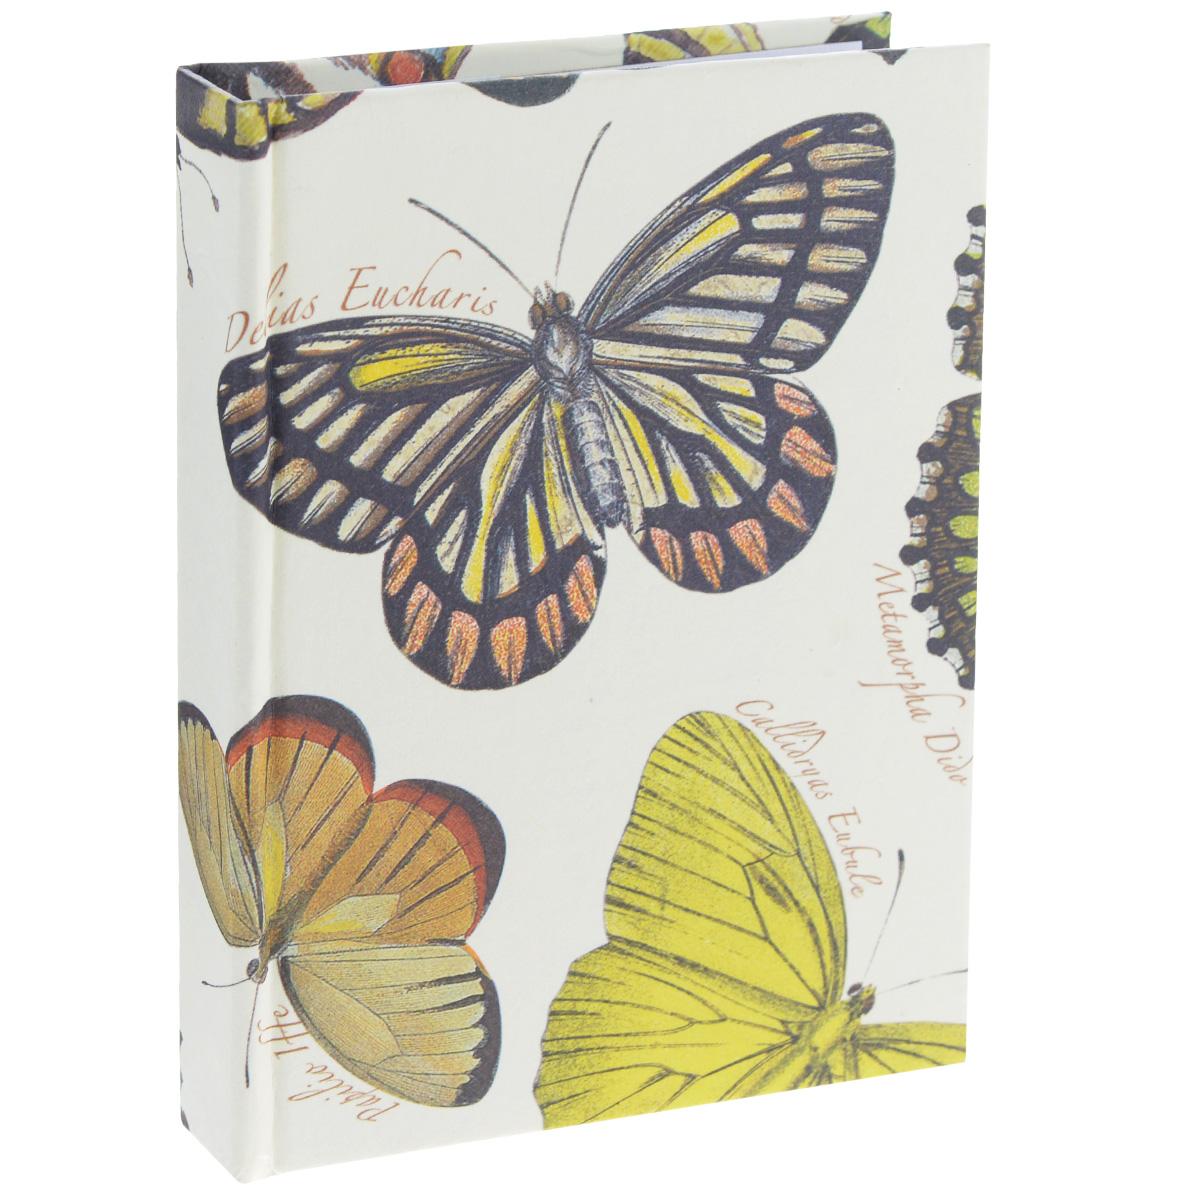 Блокнот Власта Артбук. Бабочки, 7,5 х 10 см, 150 листов12-13/ГПБлокнот Власта Артбук. Бабочки с отрывными листами предназначен для набросков и записей. Жесткая картонная обложка украшена изображением бабочек. Блок содержит 150 белых листов без разметок размера 7,5 х 10 см с логотипом Artbook. Такой блокнот удобен тем, что может легко умещаться в дамской сумочке и в барсетке. Жесткая (книжная) обложка предохраняет листы от порчи и замятия. Общий размер блокнота: 8 х 10,5 см. Количество листов: 150. Размер листов: 7,5 х 10 см.